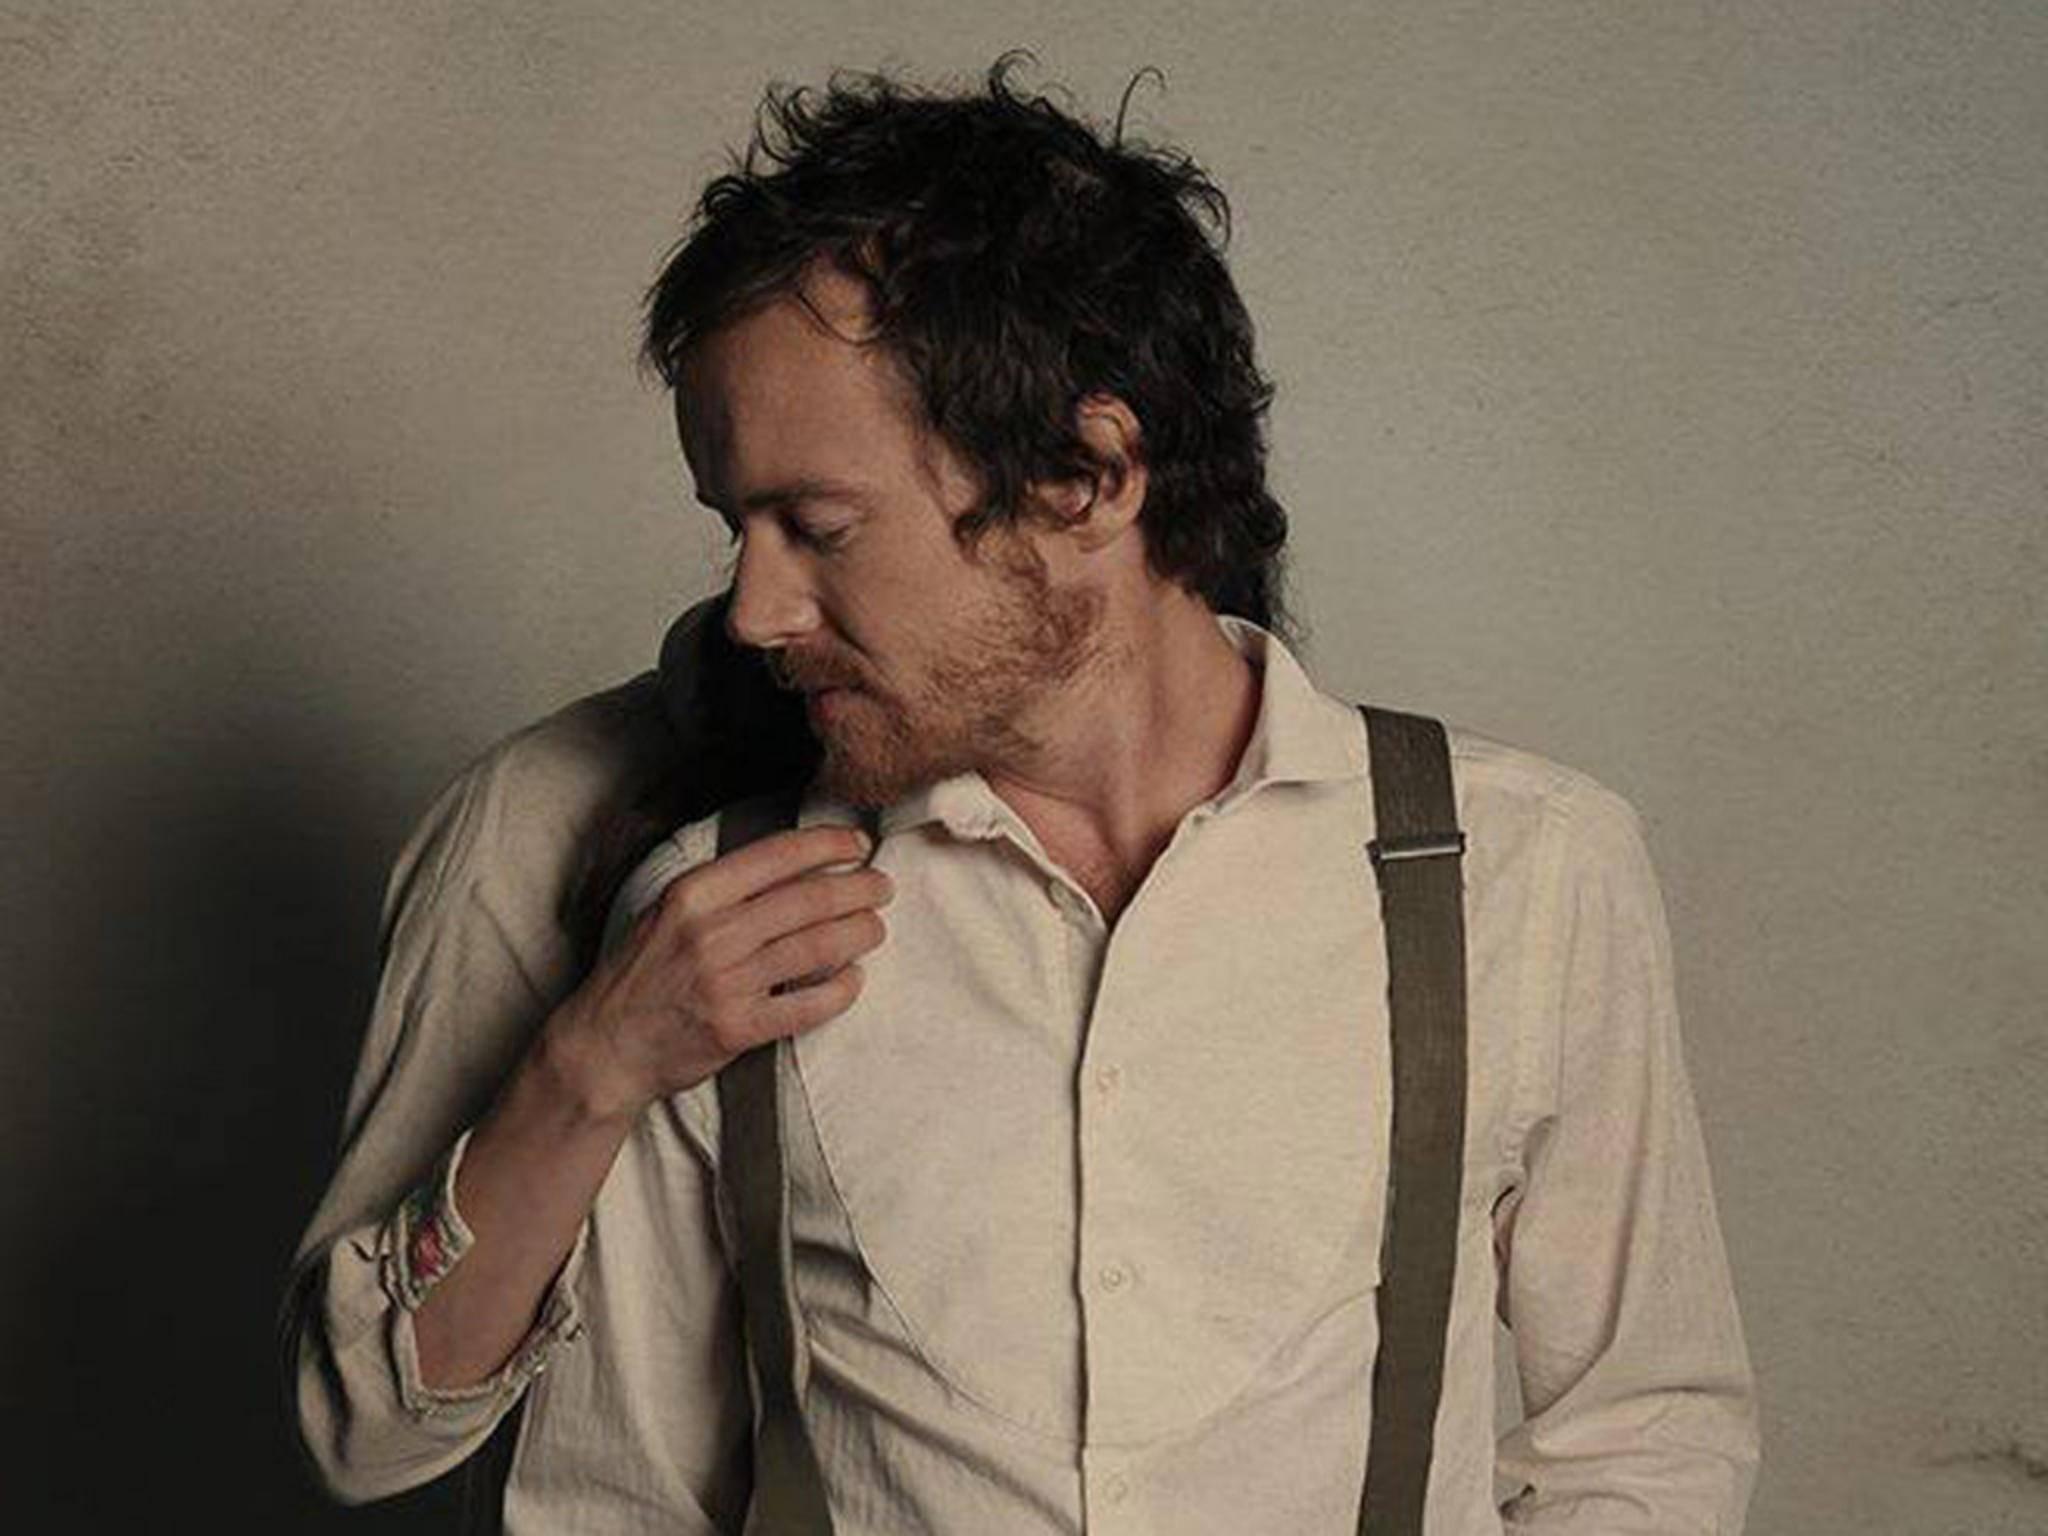 Auch der irische Singer-Songwriter Damien Rice kennt sich mit Herzschmerz aus.